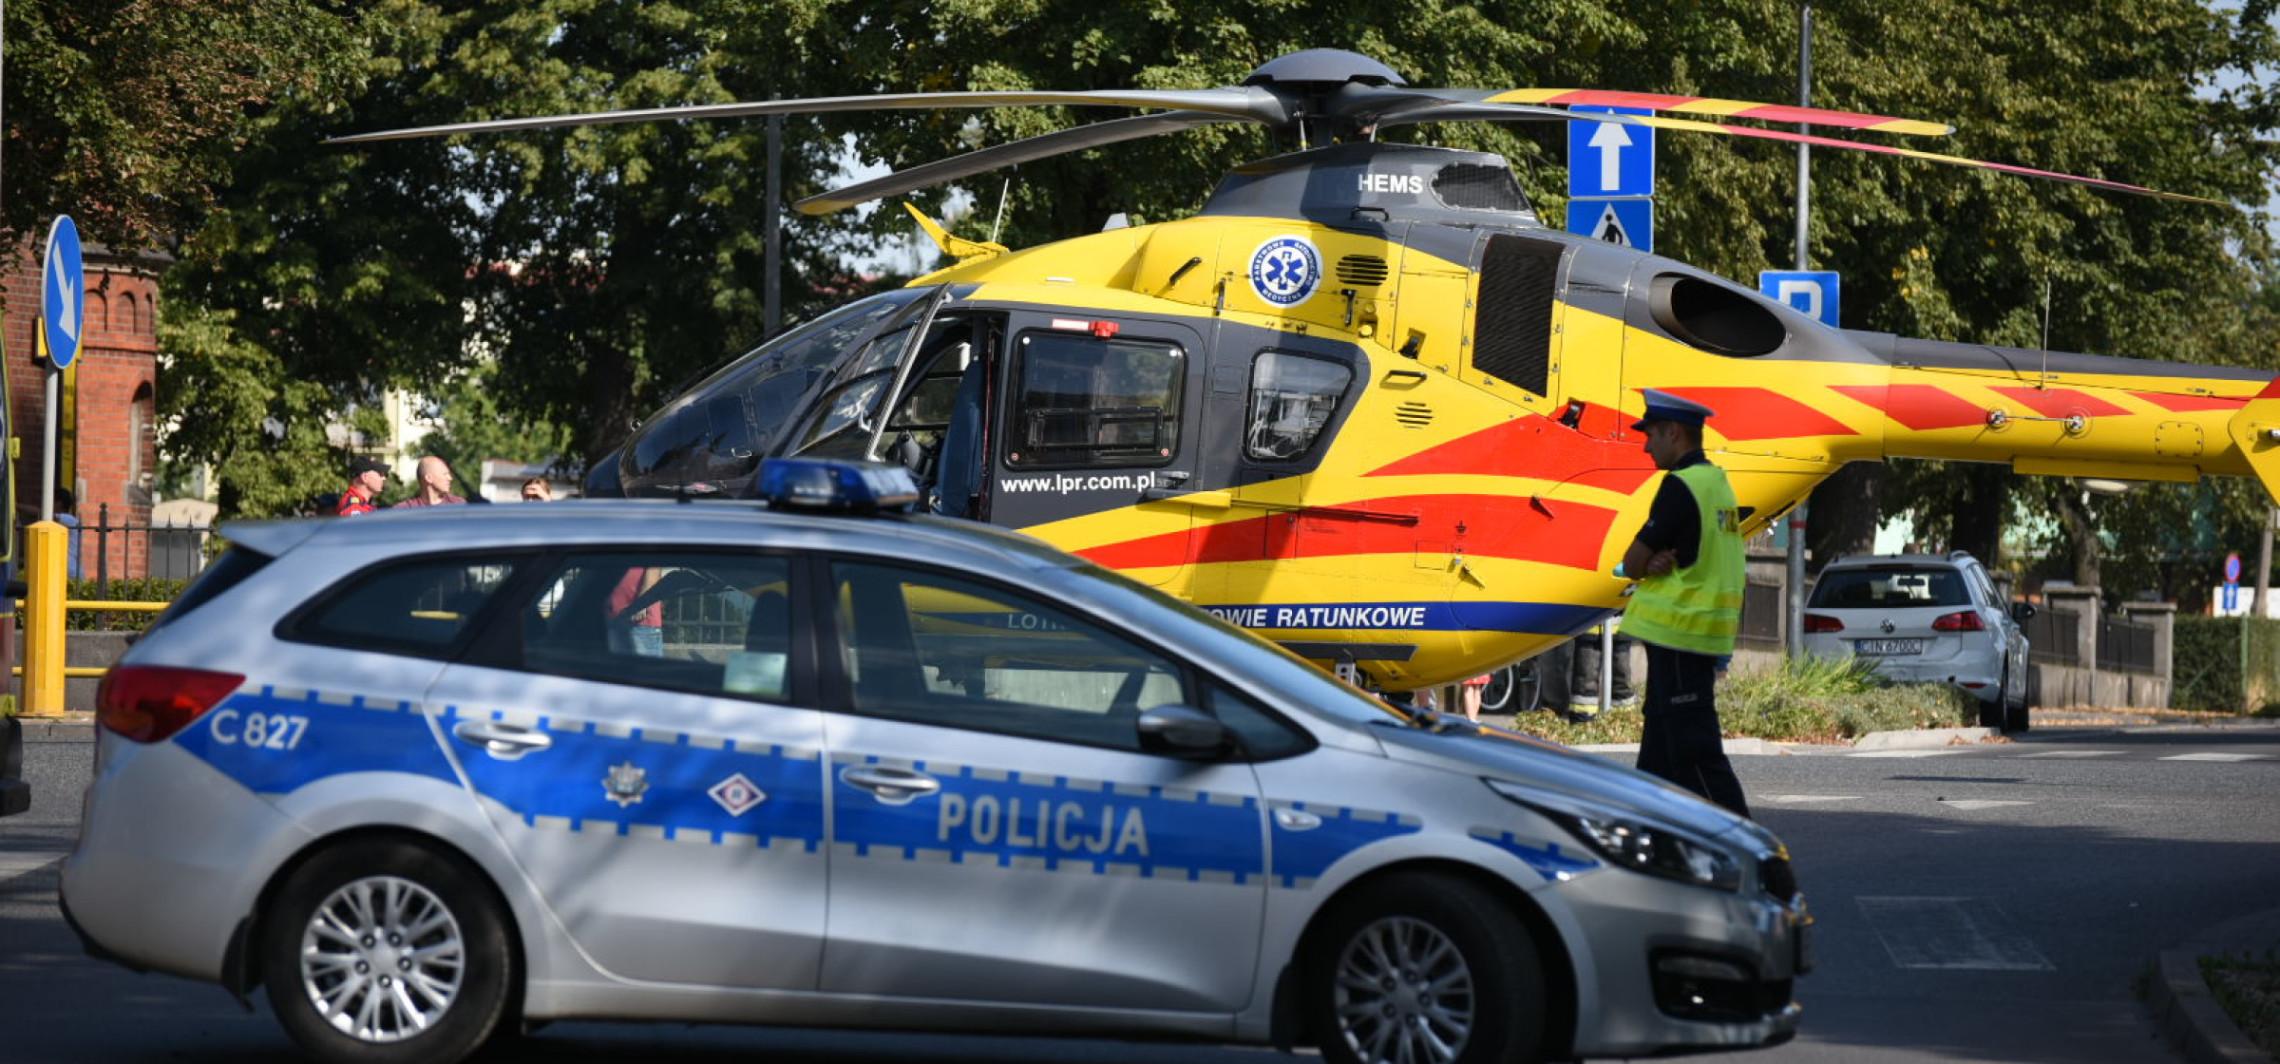 Inowrocław - Nie żyje inowrocławski policjant. Postrzelił się w głowę